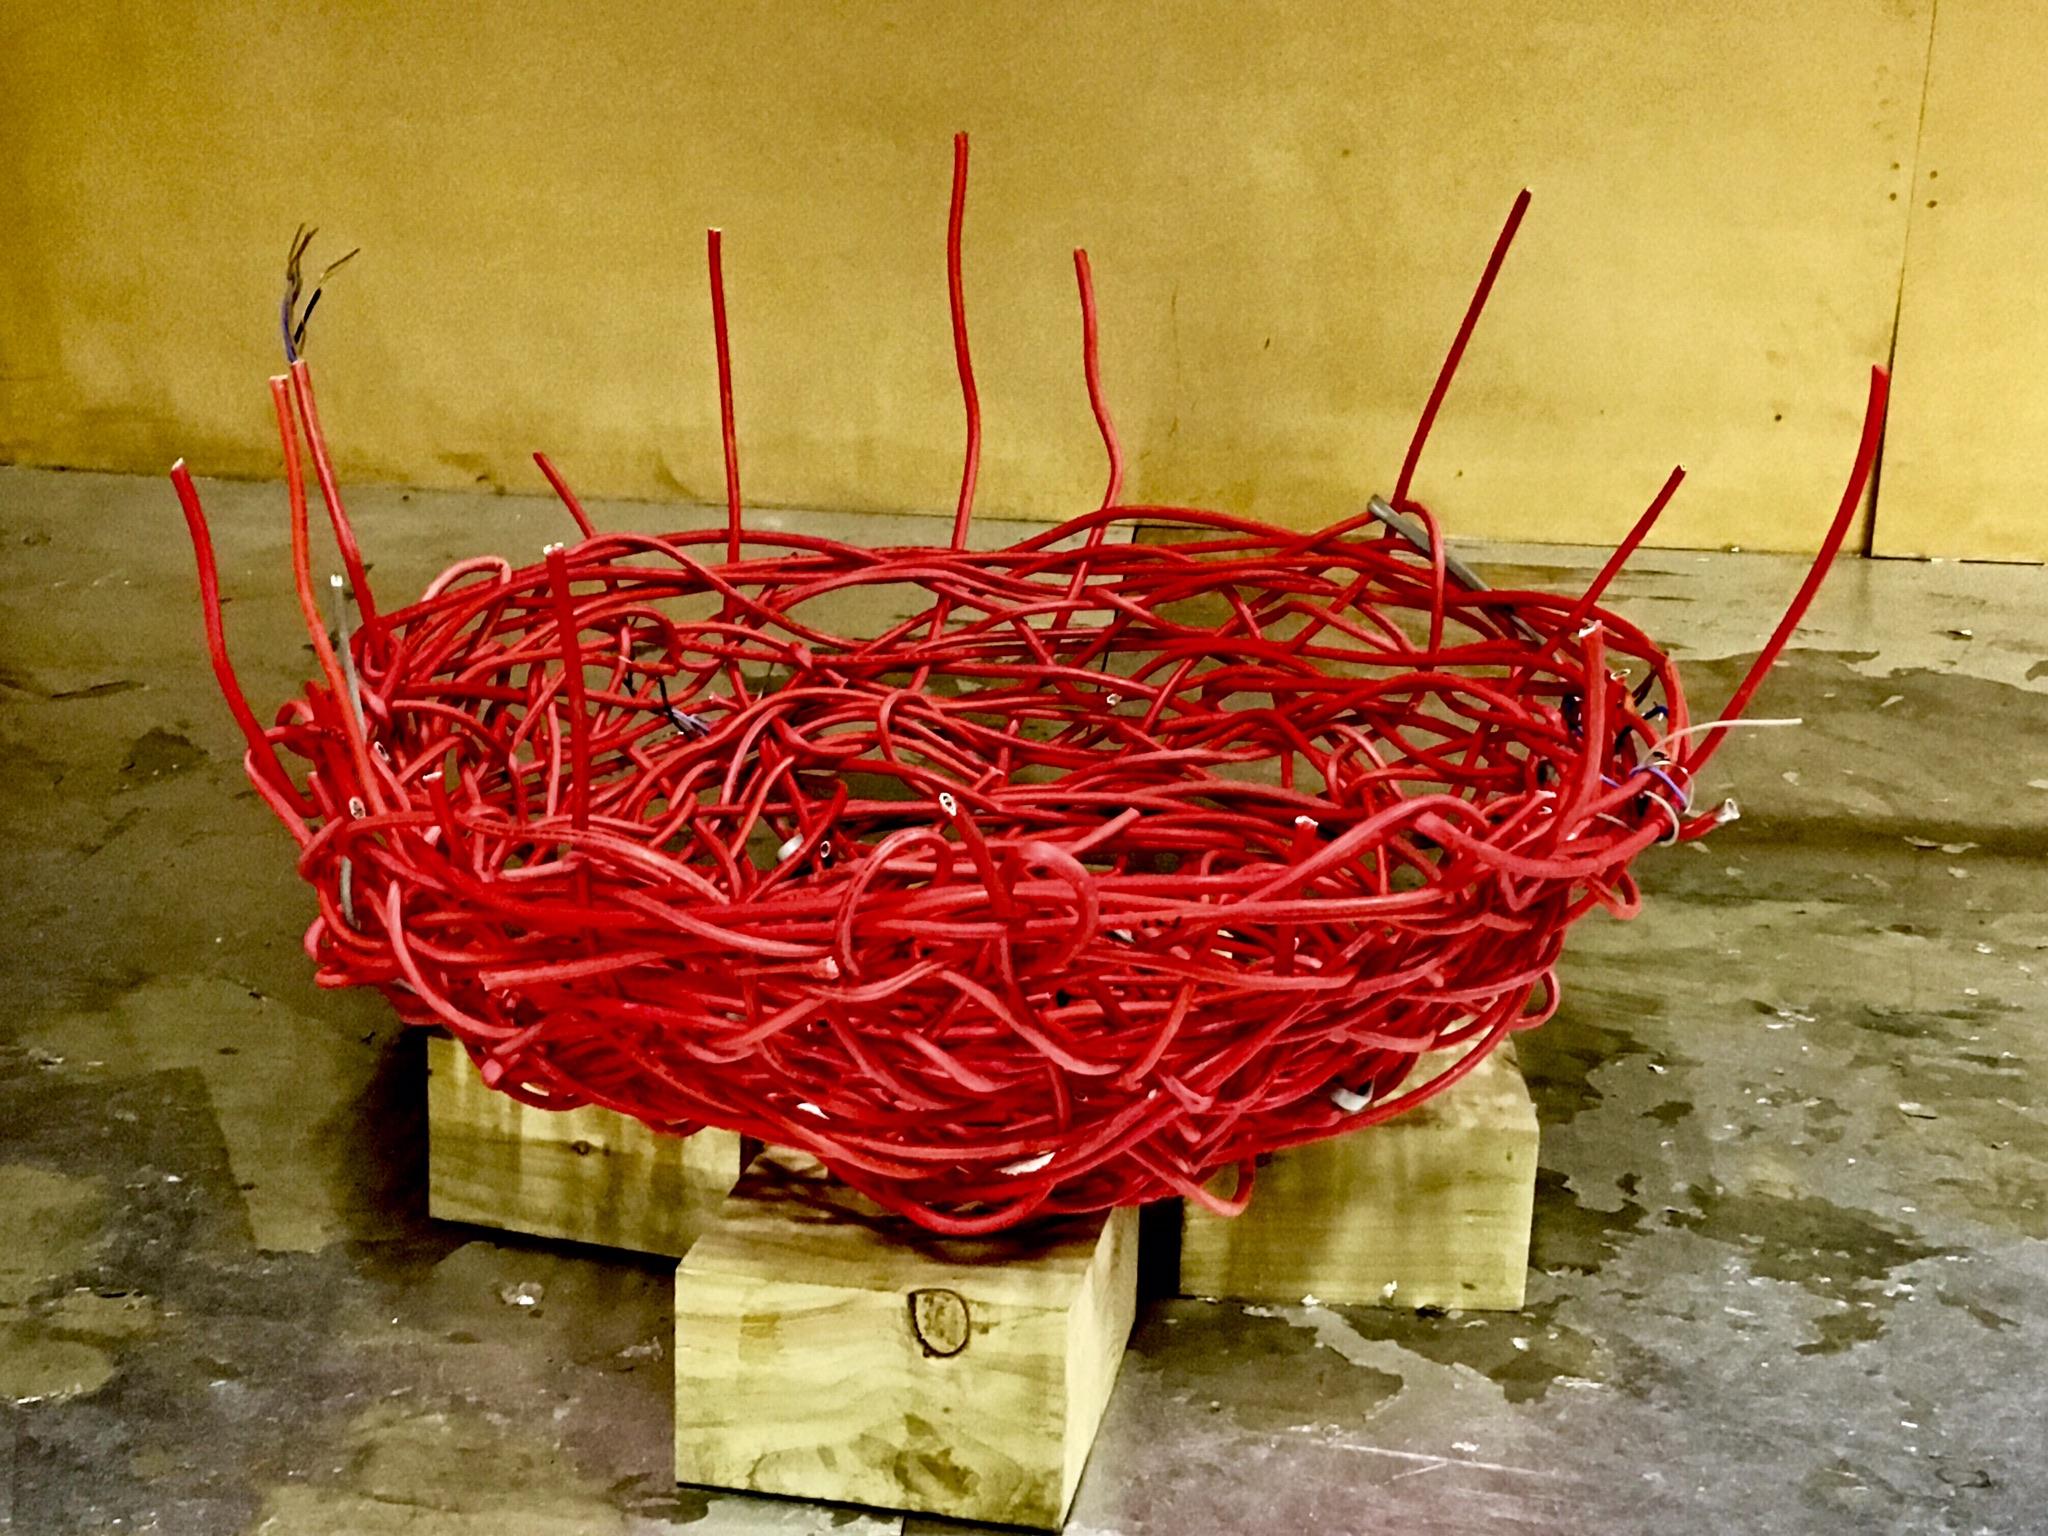 'The Empty Nest' - studio image 2017.